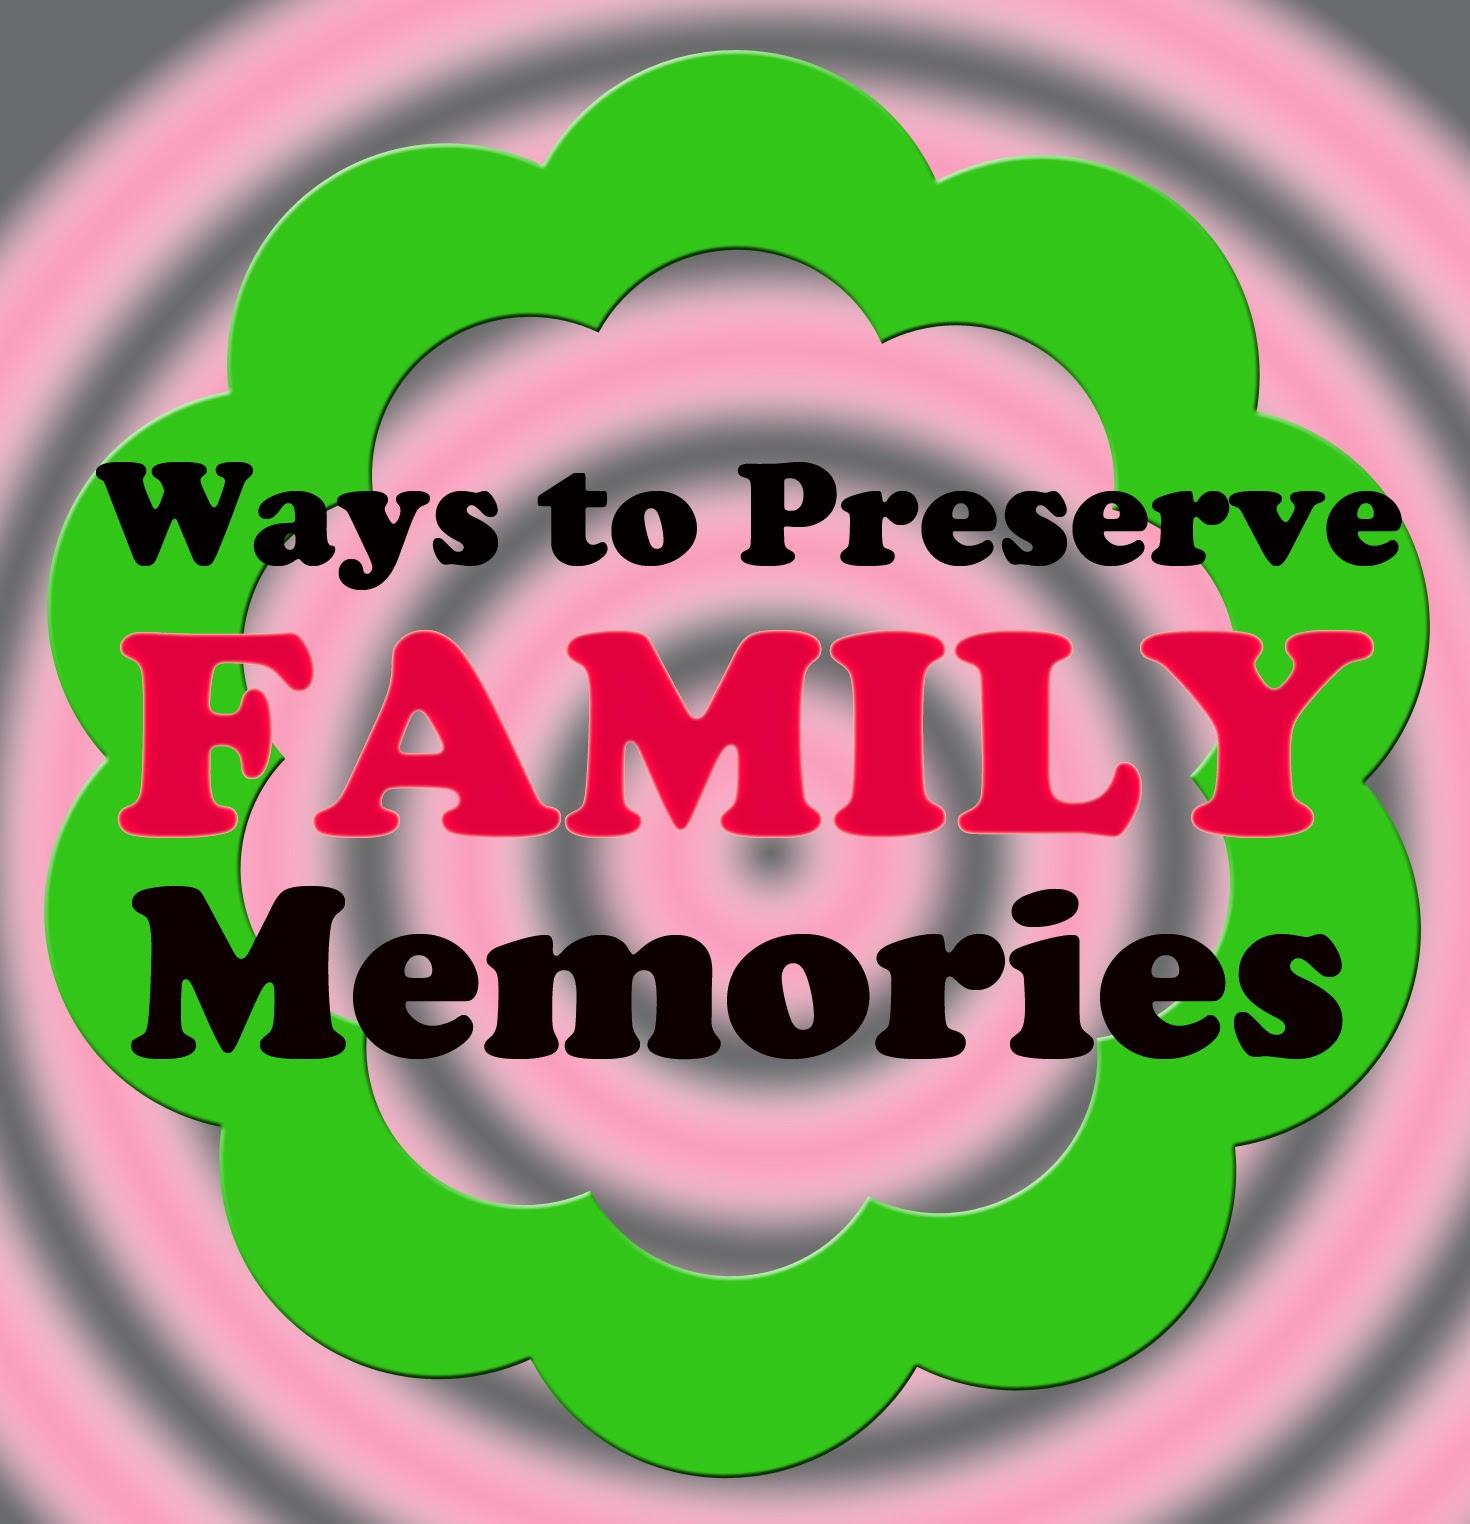 http://www.pinterest.com/dburgessrn/family-memories/